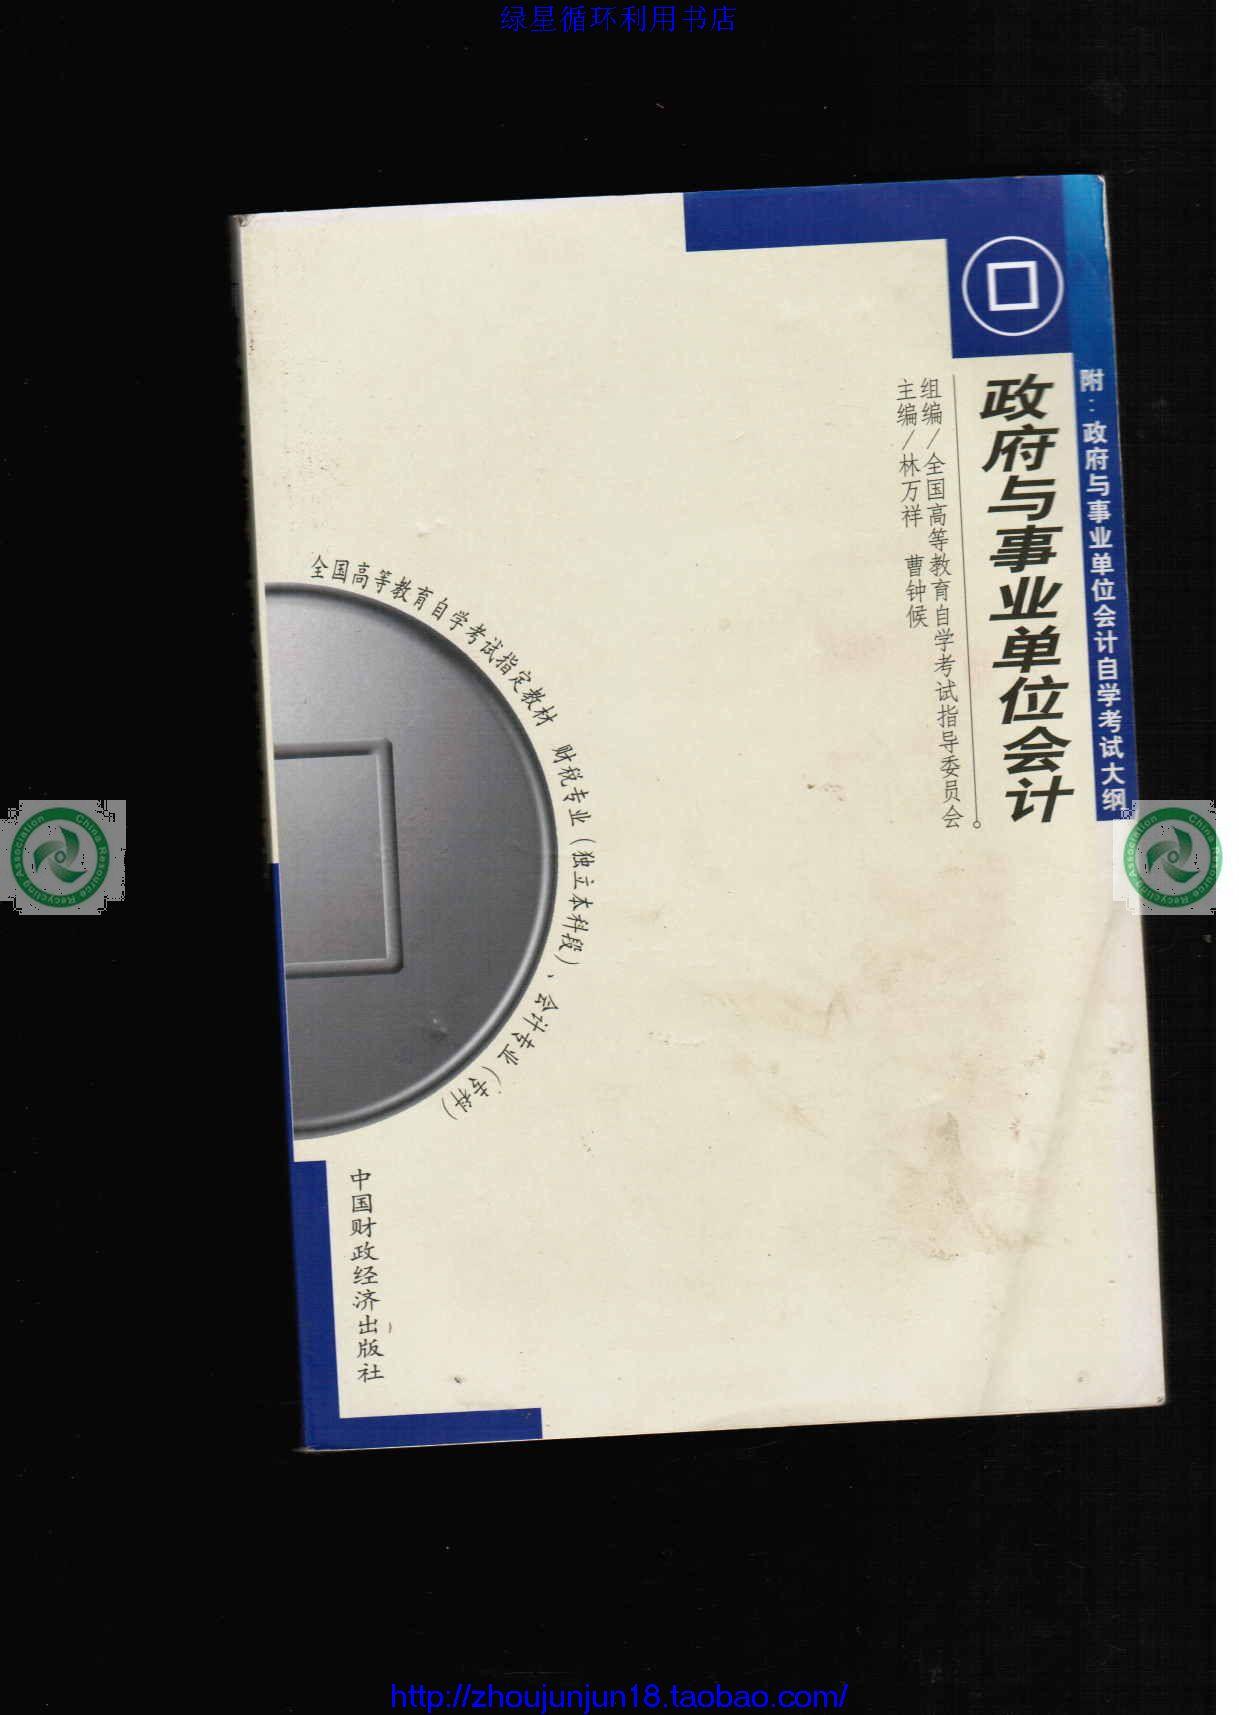 绿星 政府与事业单位会计 林万祥 中国财政经济出版社 旧书 价格:4.00